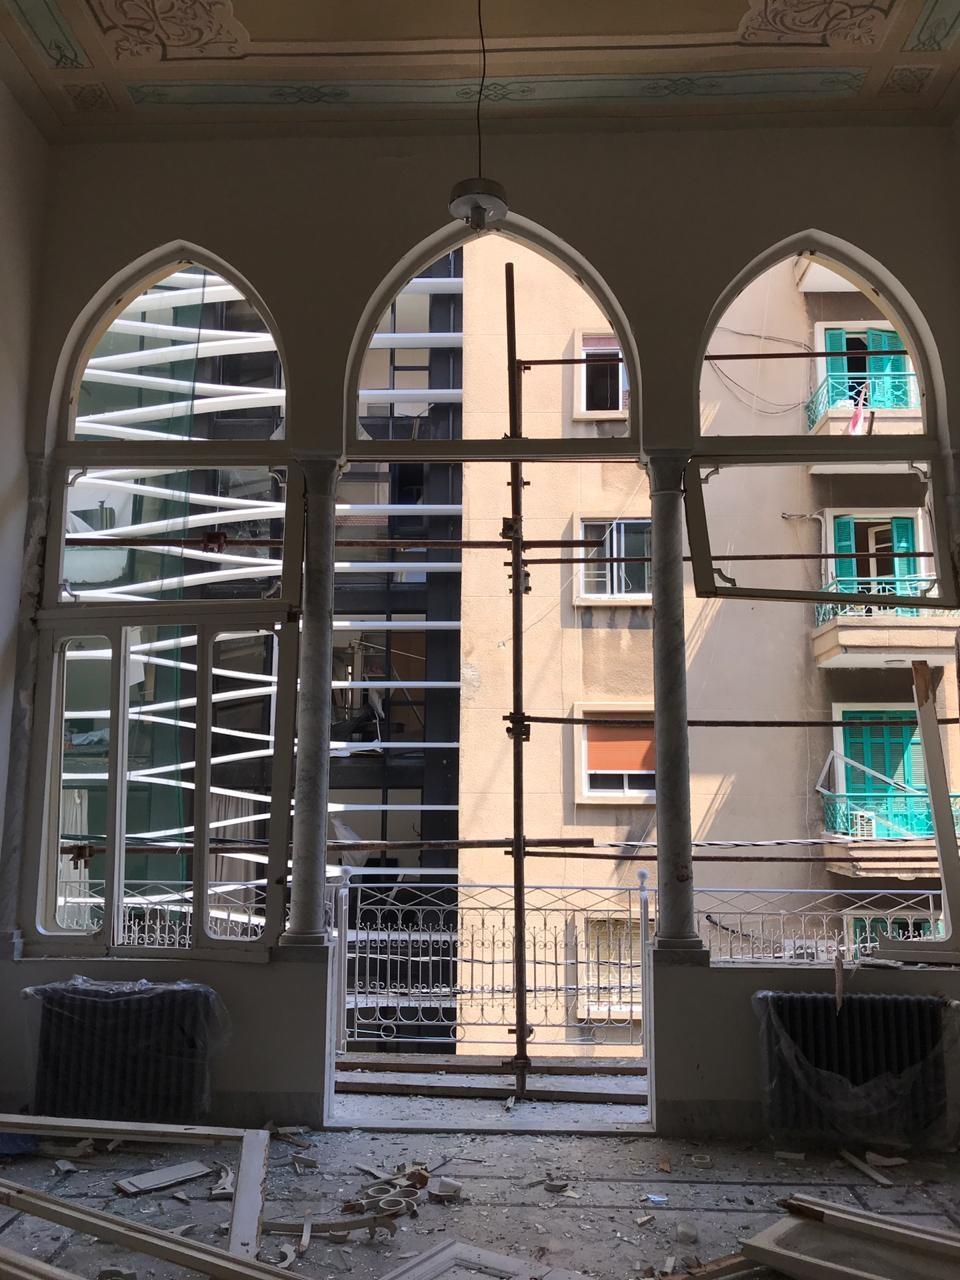 Uma semana após explosão, brasileiros retornam à embaixada em Beirute